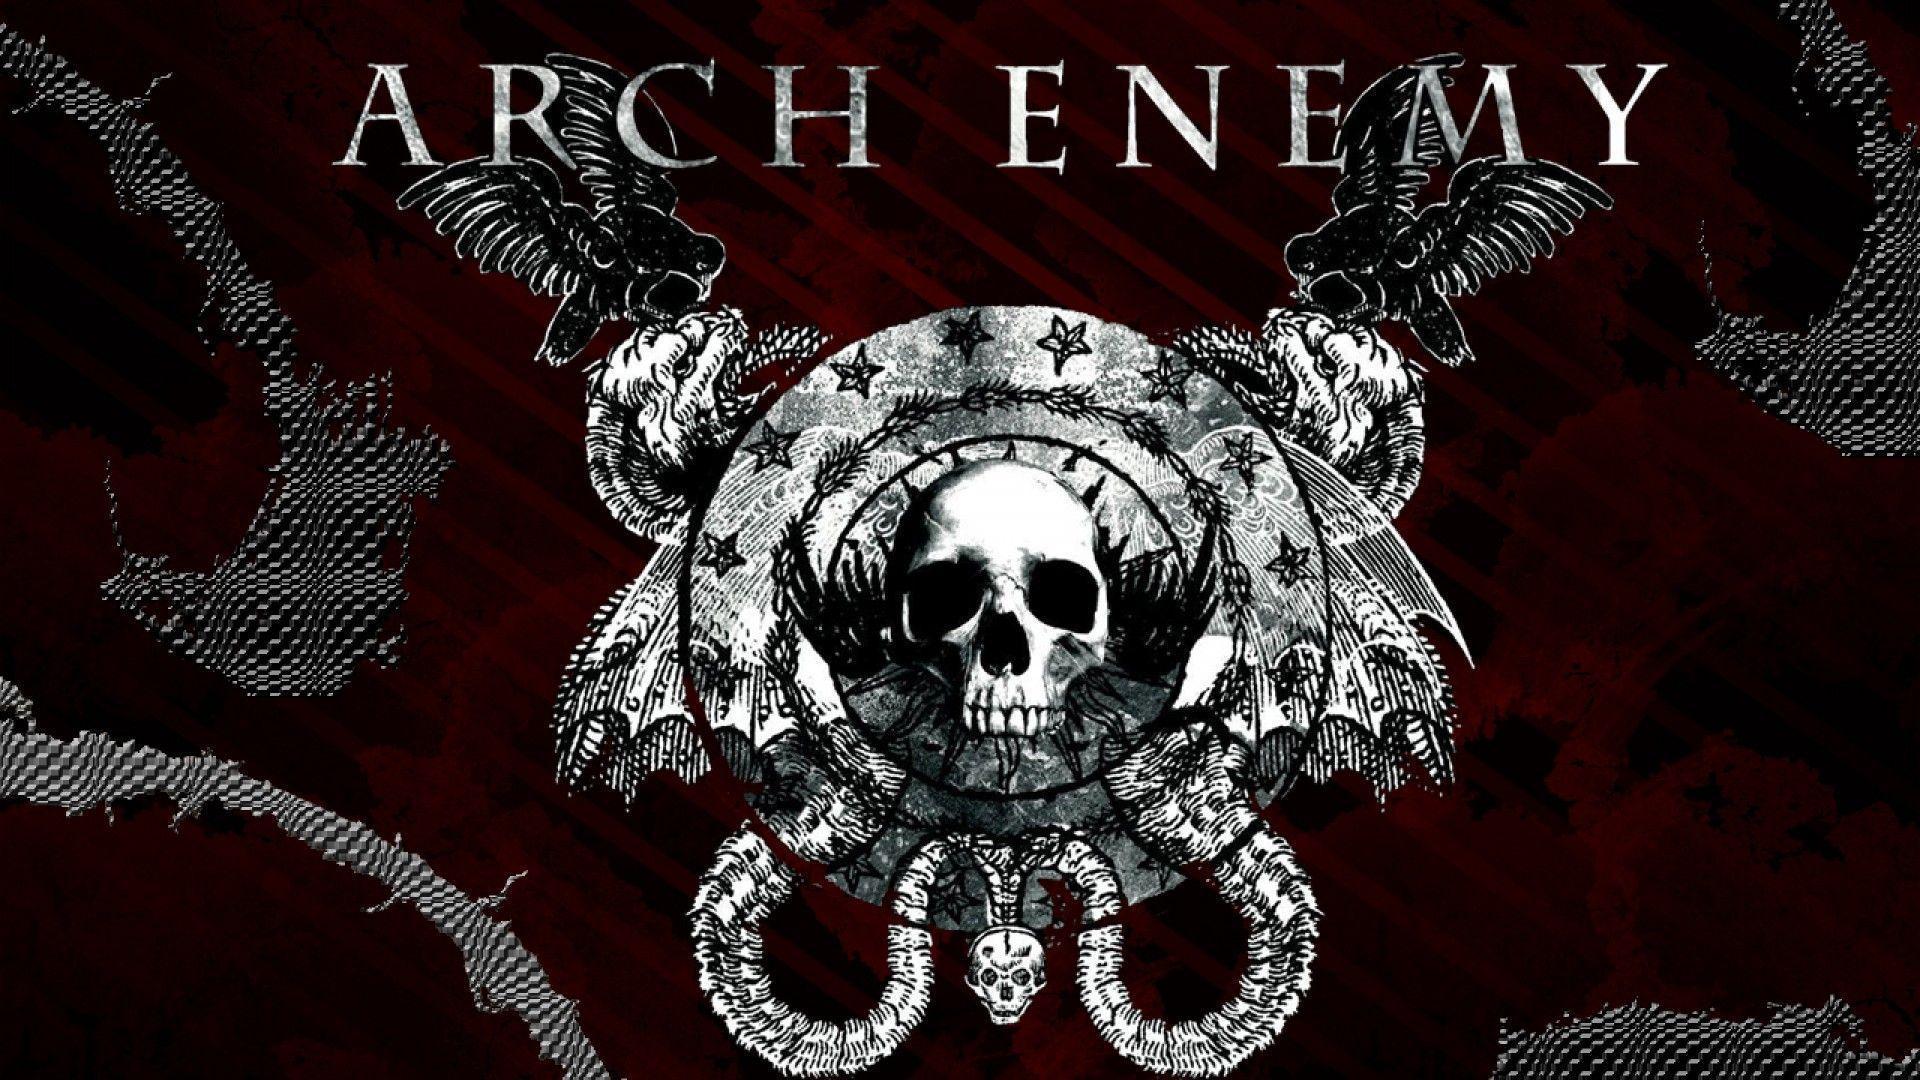 ARCH ENEMY technical power death metal hard rock heavy m wallpaper ...